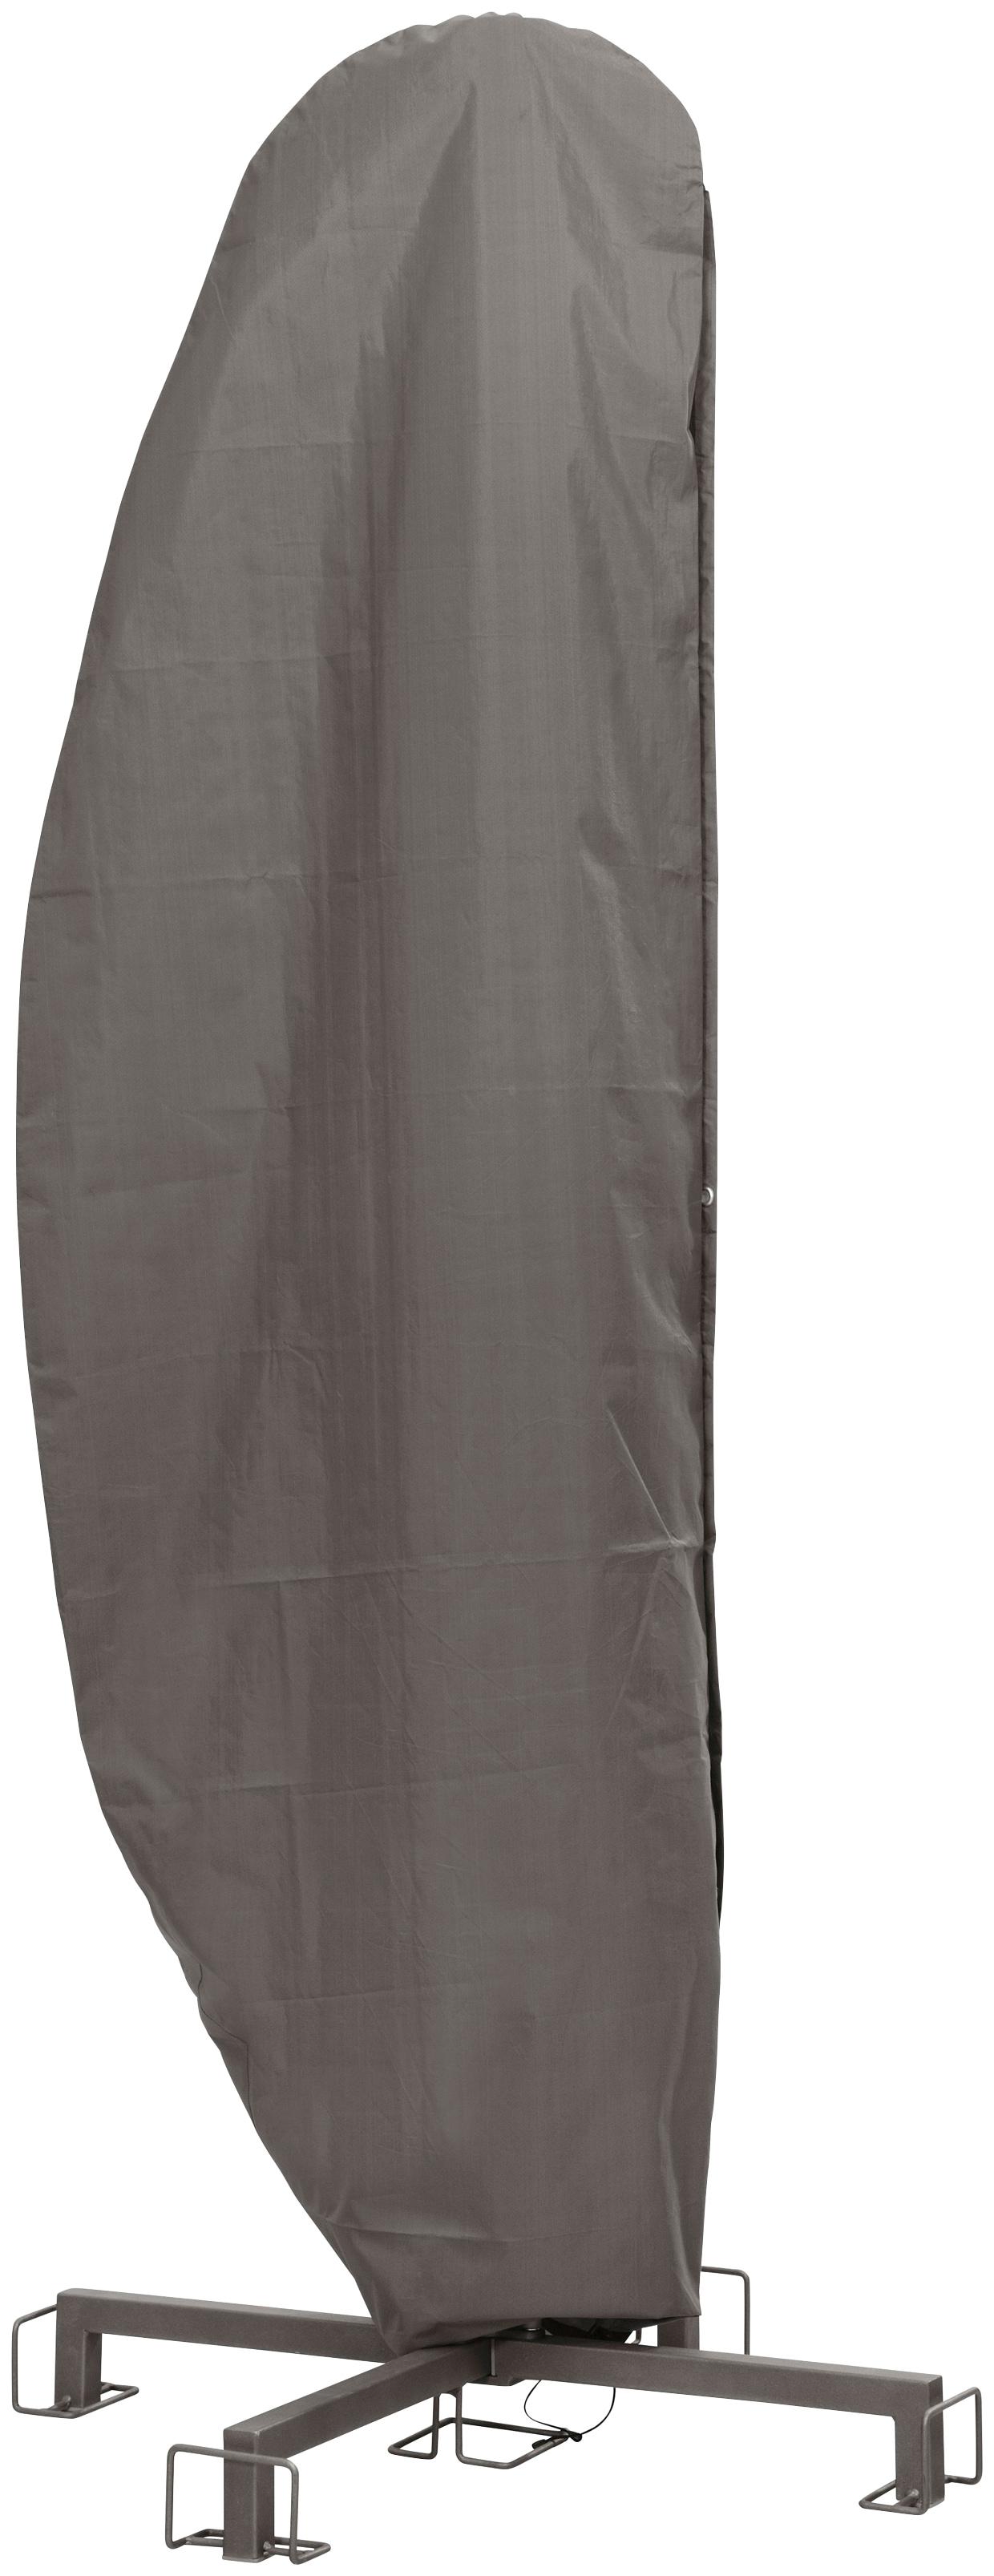 winza outdoor covers Sonnenschirm-Schutzhülle, für Schirme bis ø 400 cm grau Sonnenschirm-Schutzhülle Gartenmöbel-Schutzhüllen Gartenmöbel Gartendeko